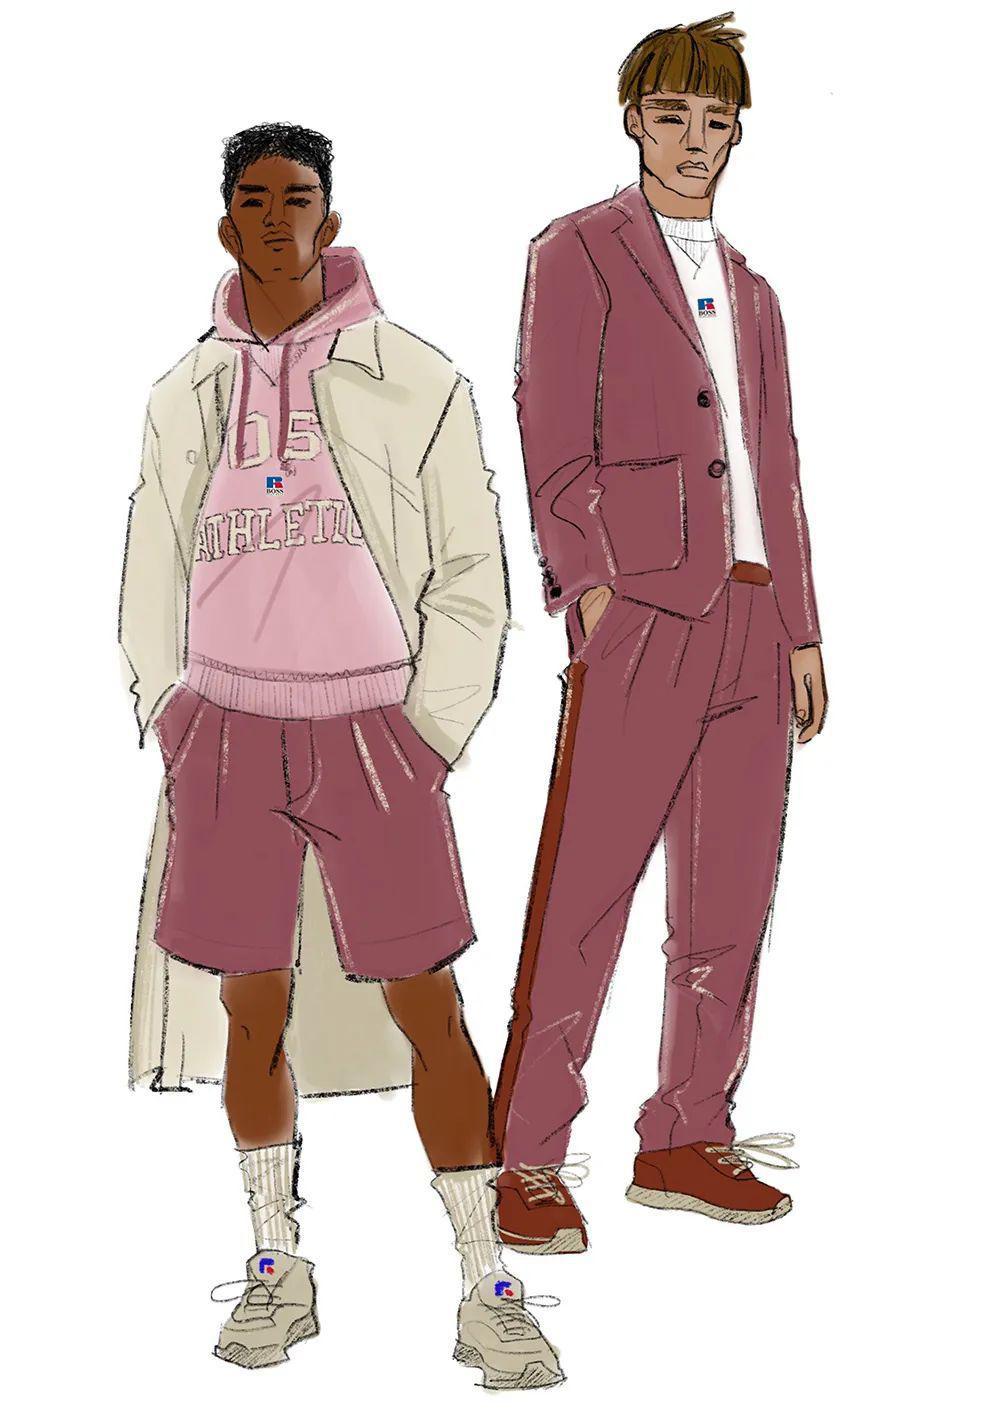 时尚品牌BOSS最近公布将与美国标志性品牌Russell